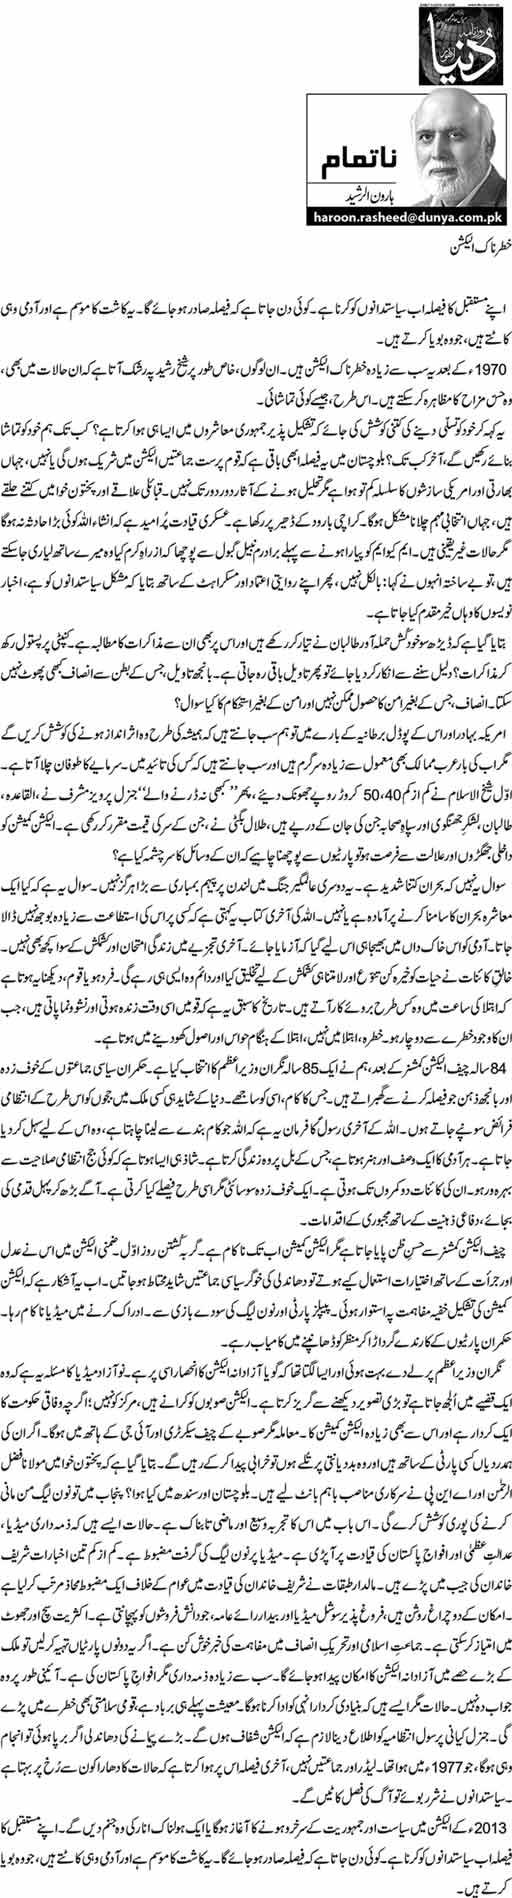 Khatarnaak Election - Haroon-ur-Rasheed